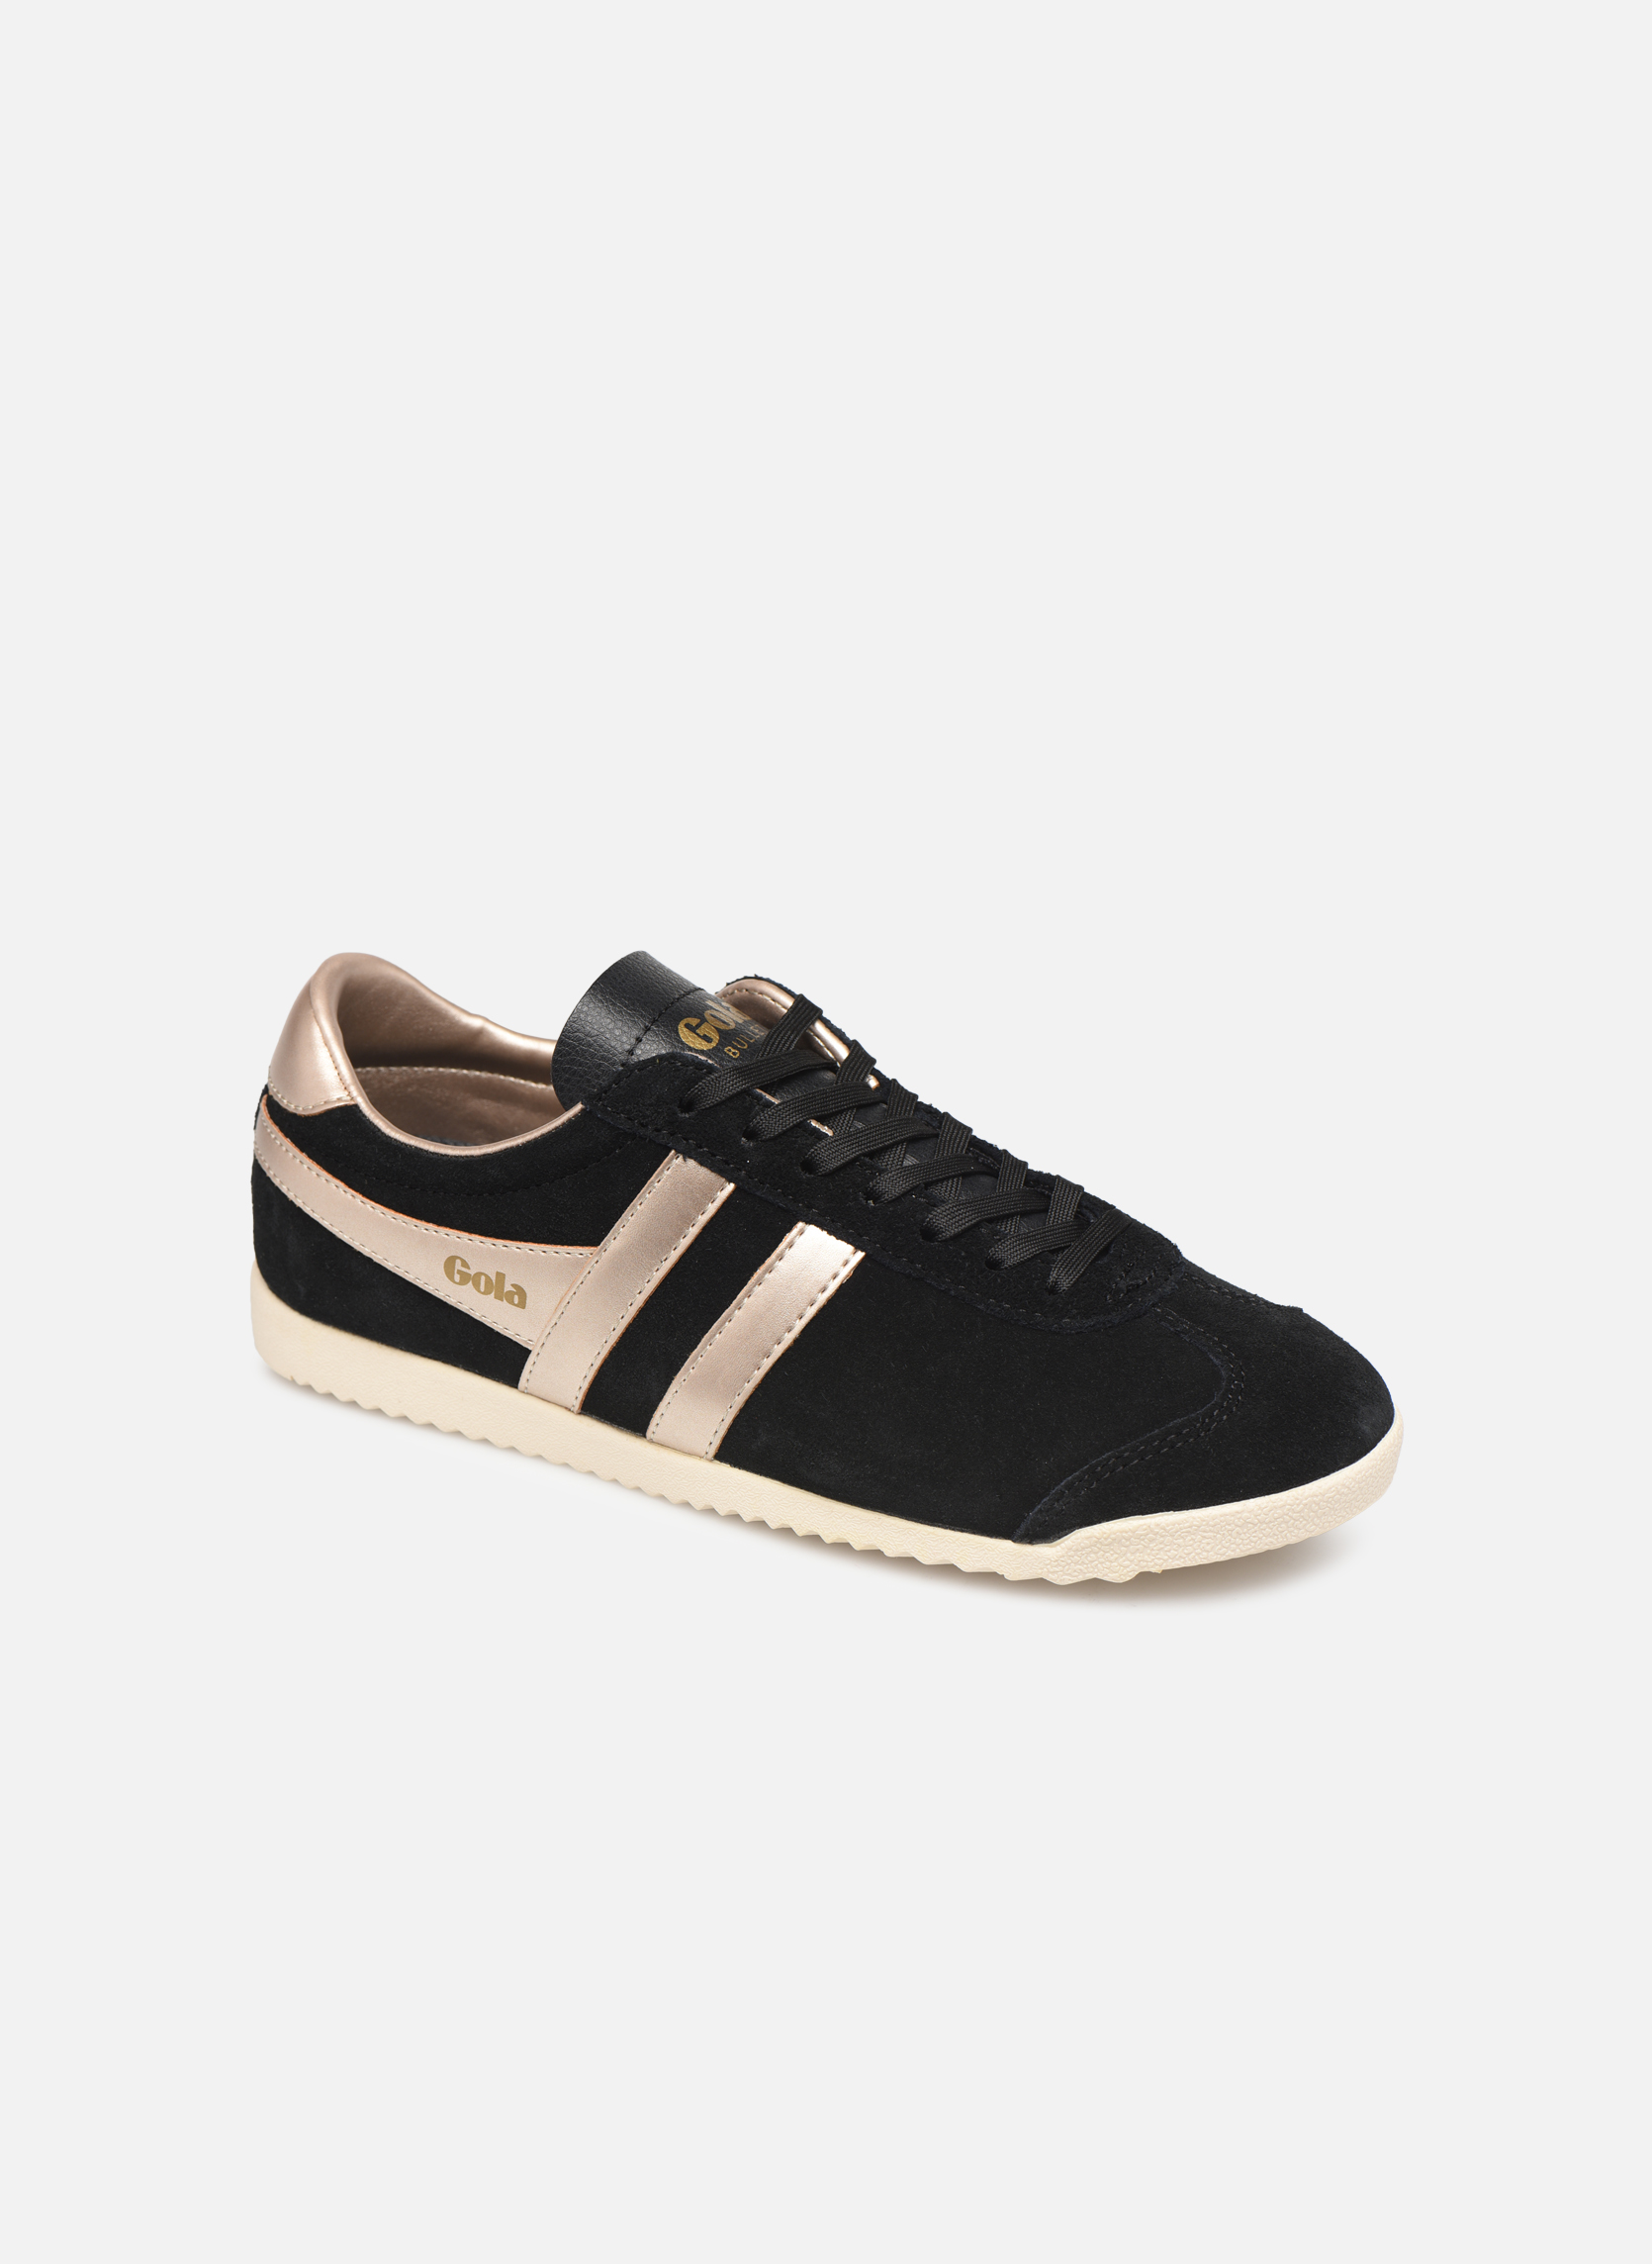 Sneakers BULLET PEARL by Gola